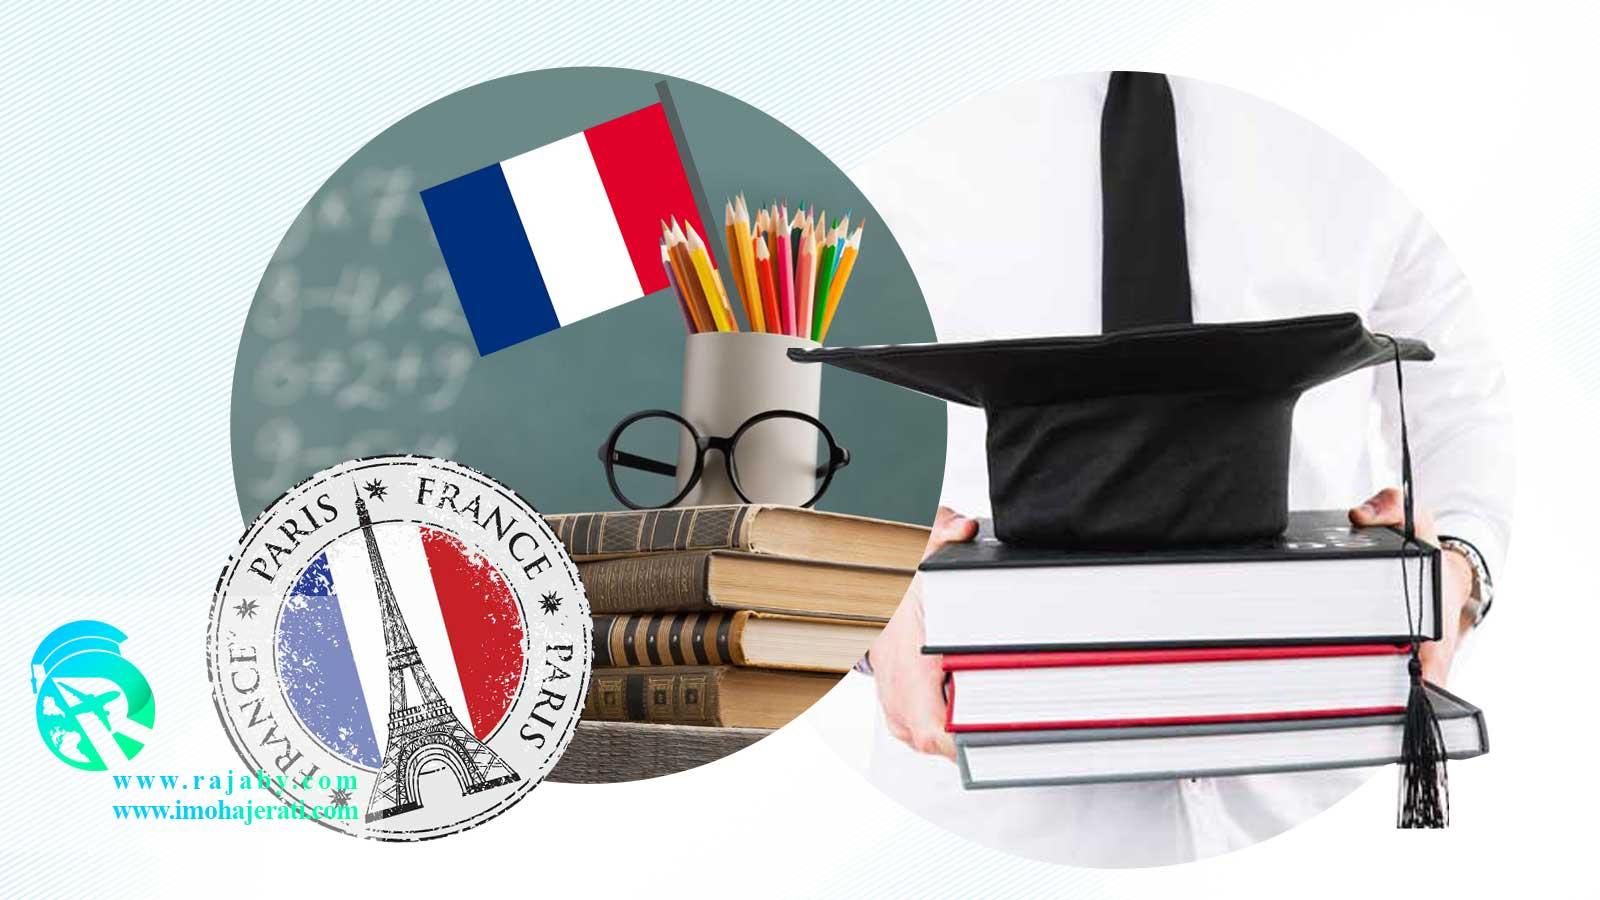 تحصیل دوره کارشناسی در فرانسه